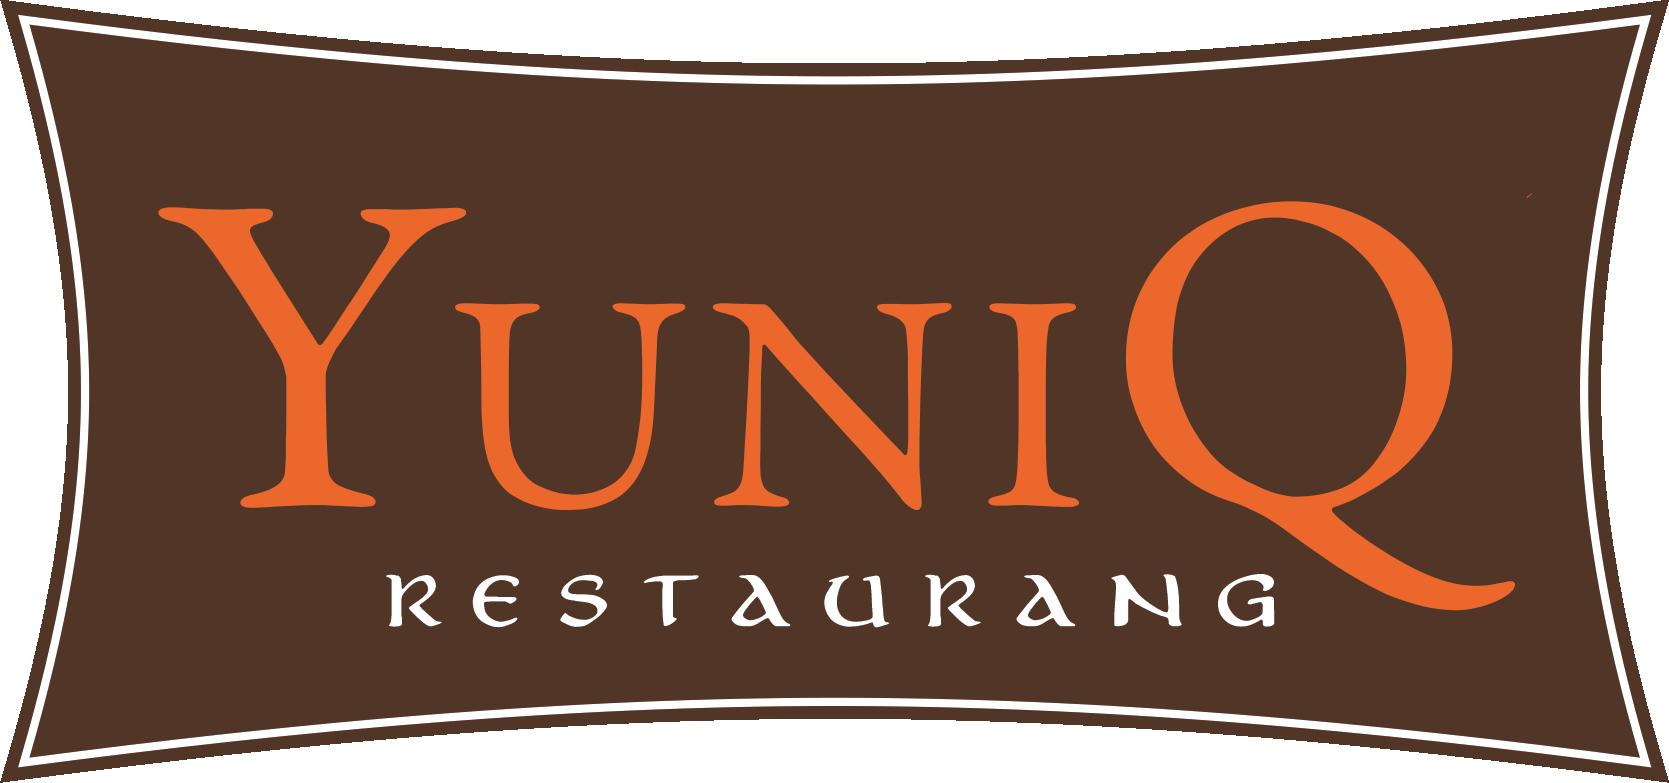 Yuniq Restaurang